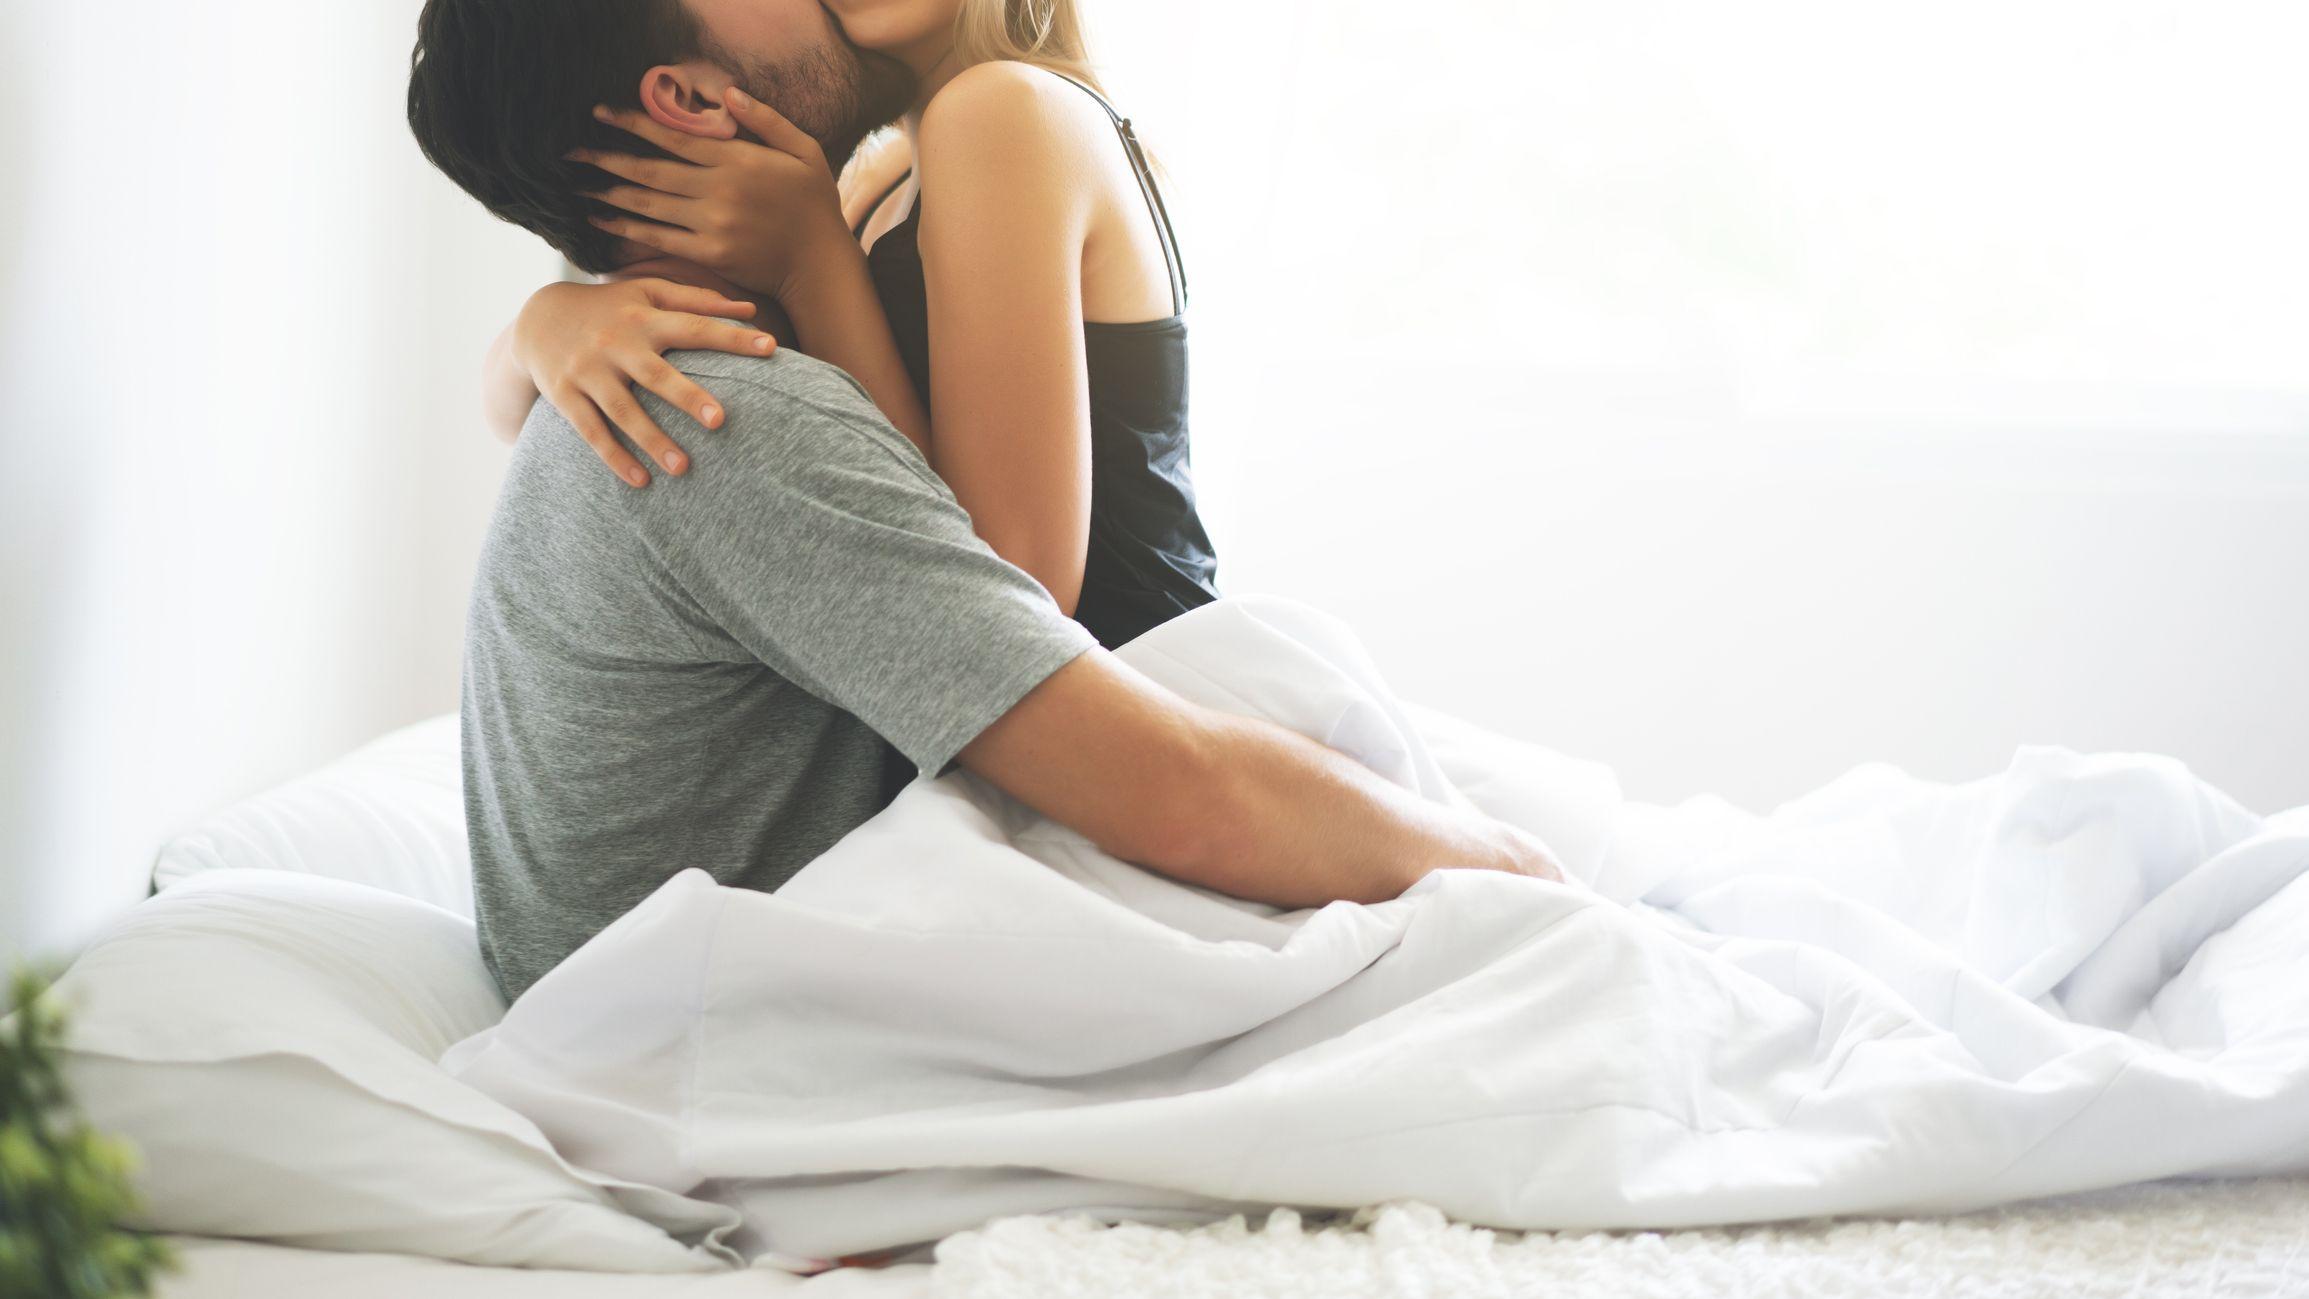 Fájdalmas szex: ezek állhatnak a hátterében - Napidoktor